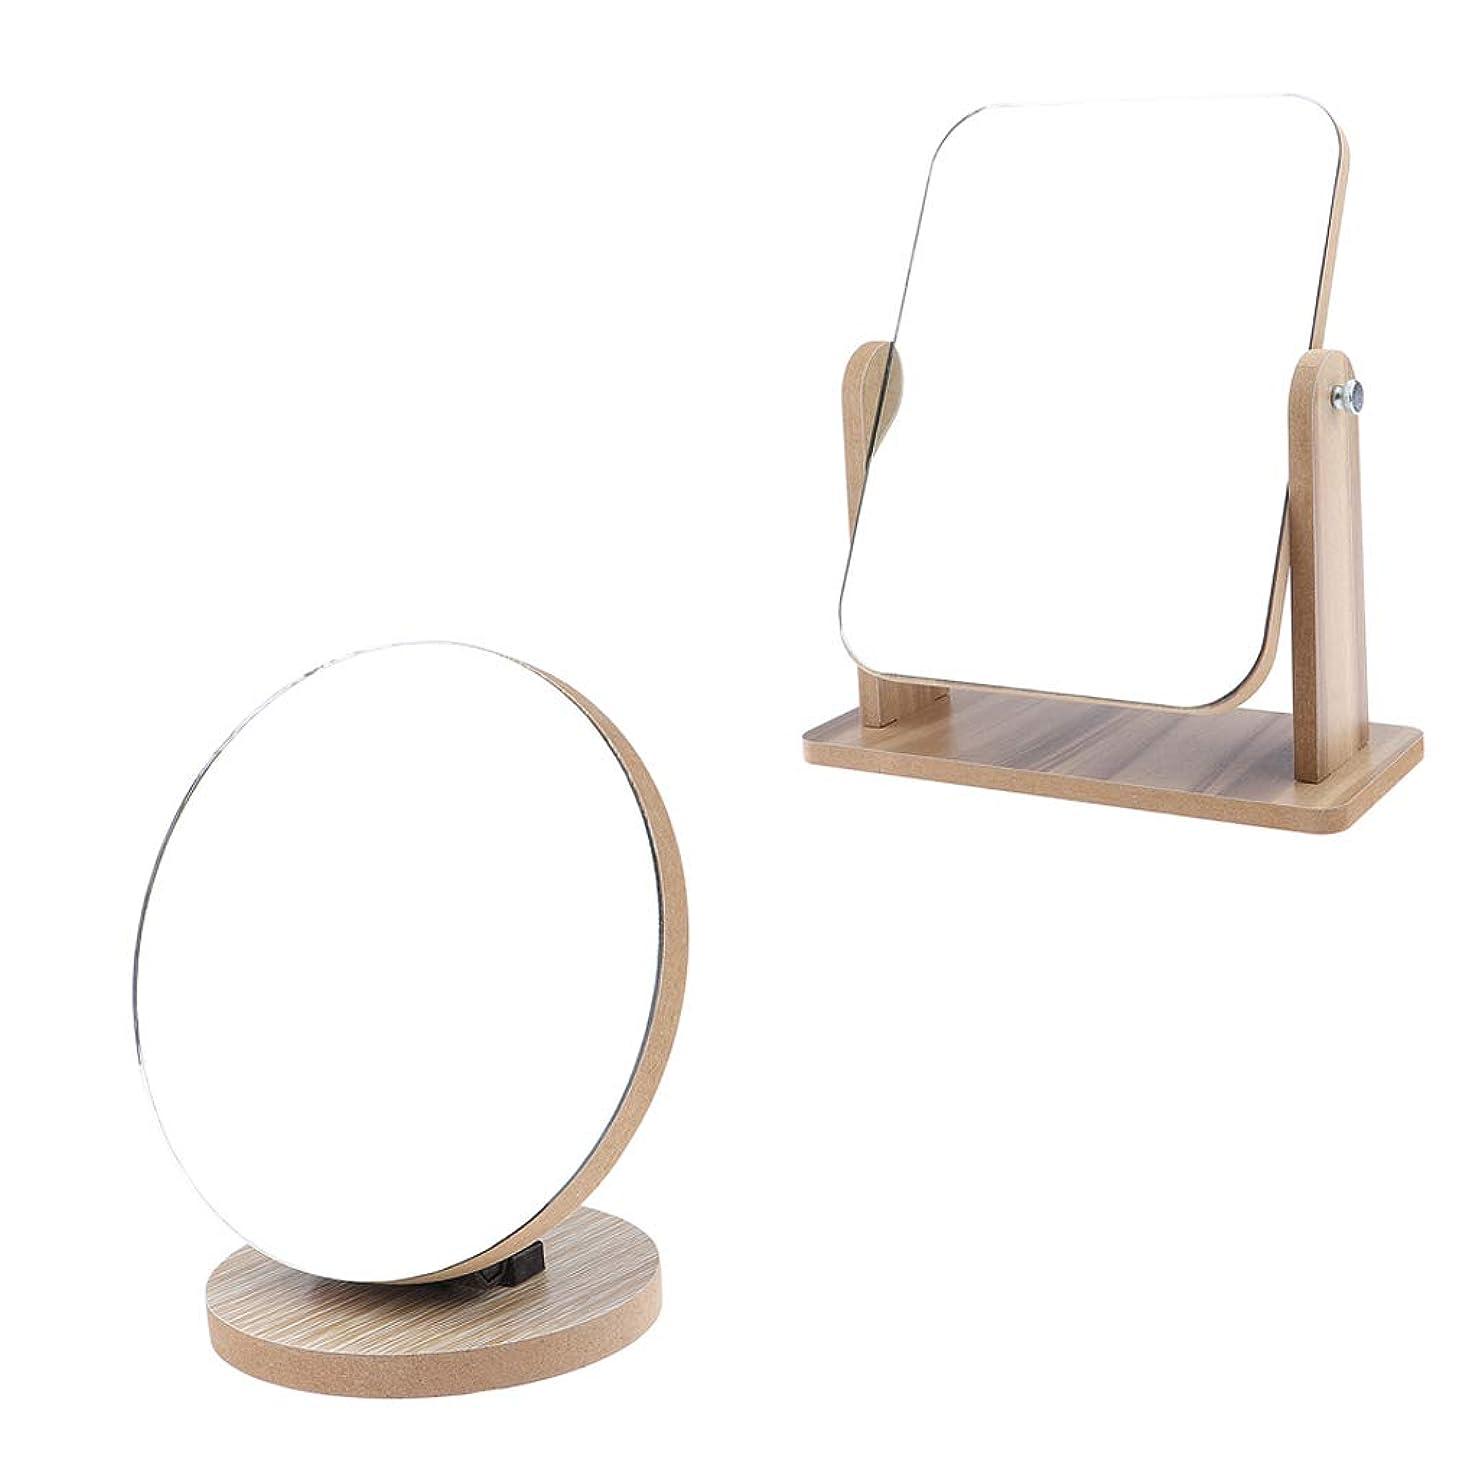 Toygogo 化粧鏡 スタンド 卓上 化粧ミラー 化粧 鏡 折り畳み デスクトップ化粧鏡 卓上ミラー